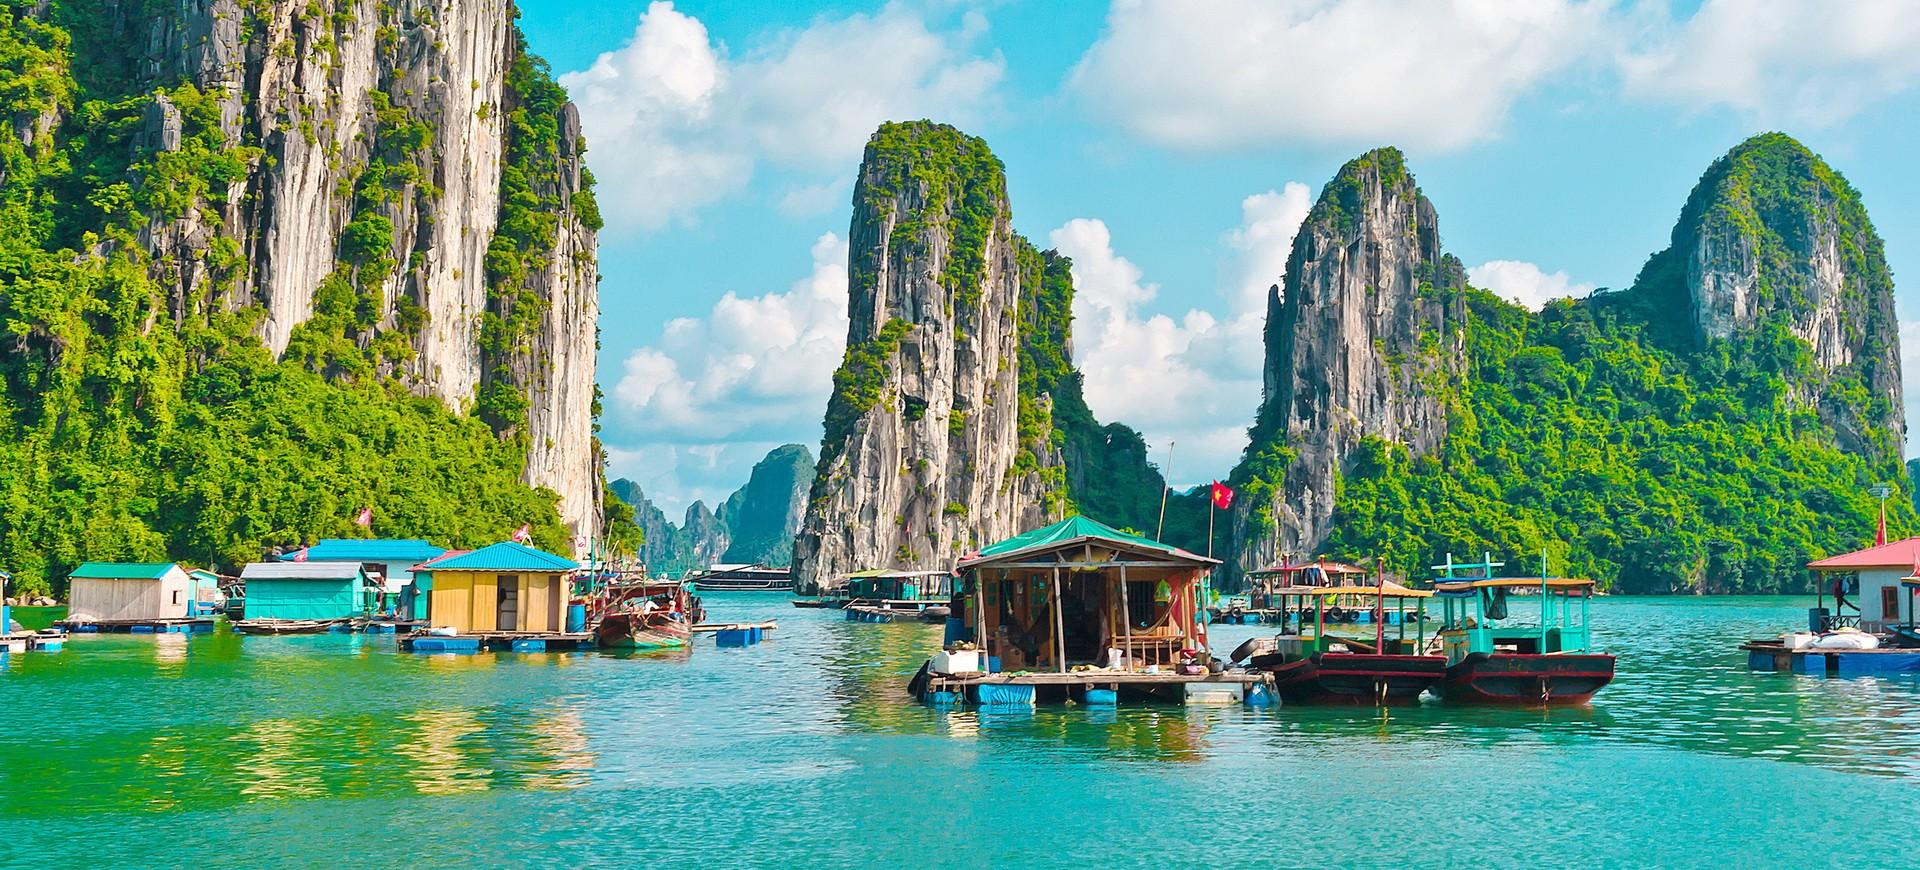 Vietnam Halong Village flottant dans la Baie